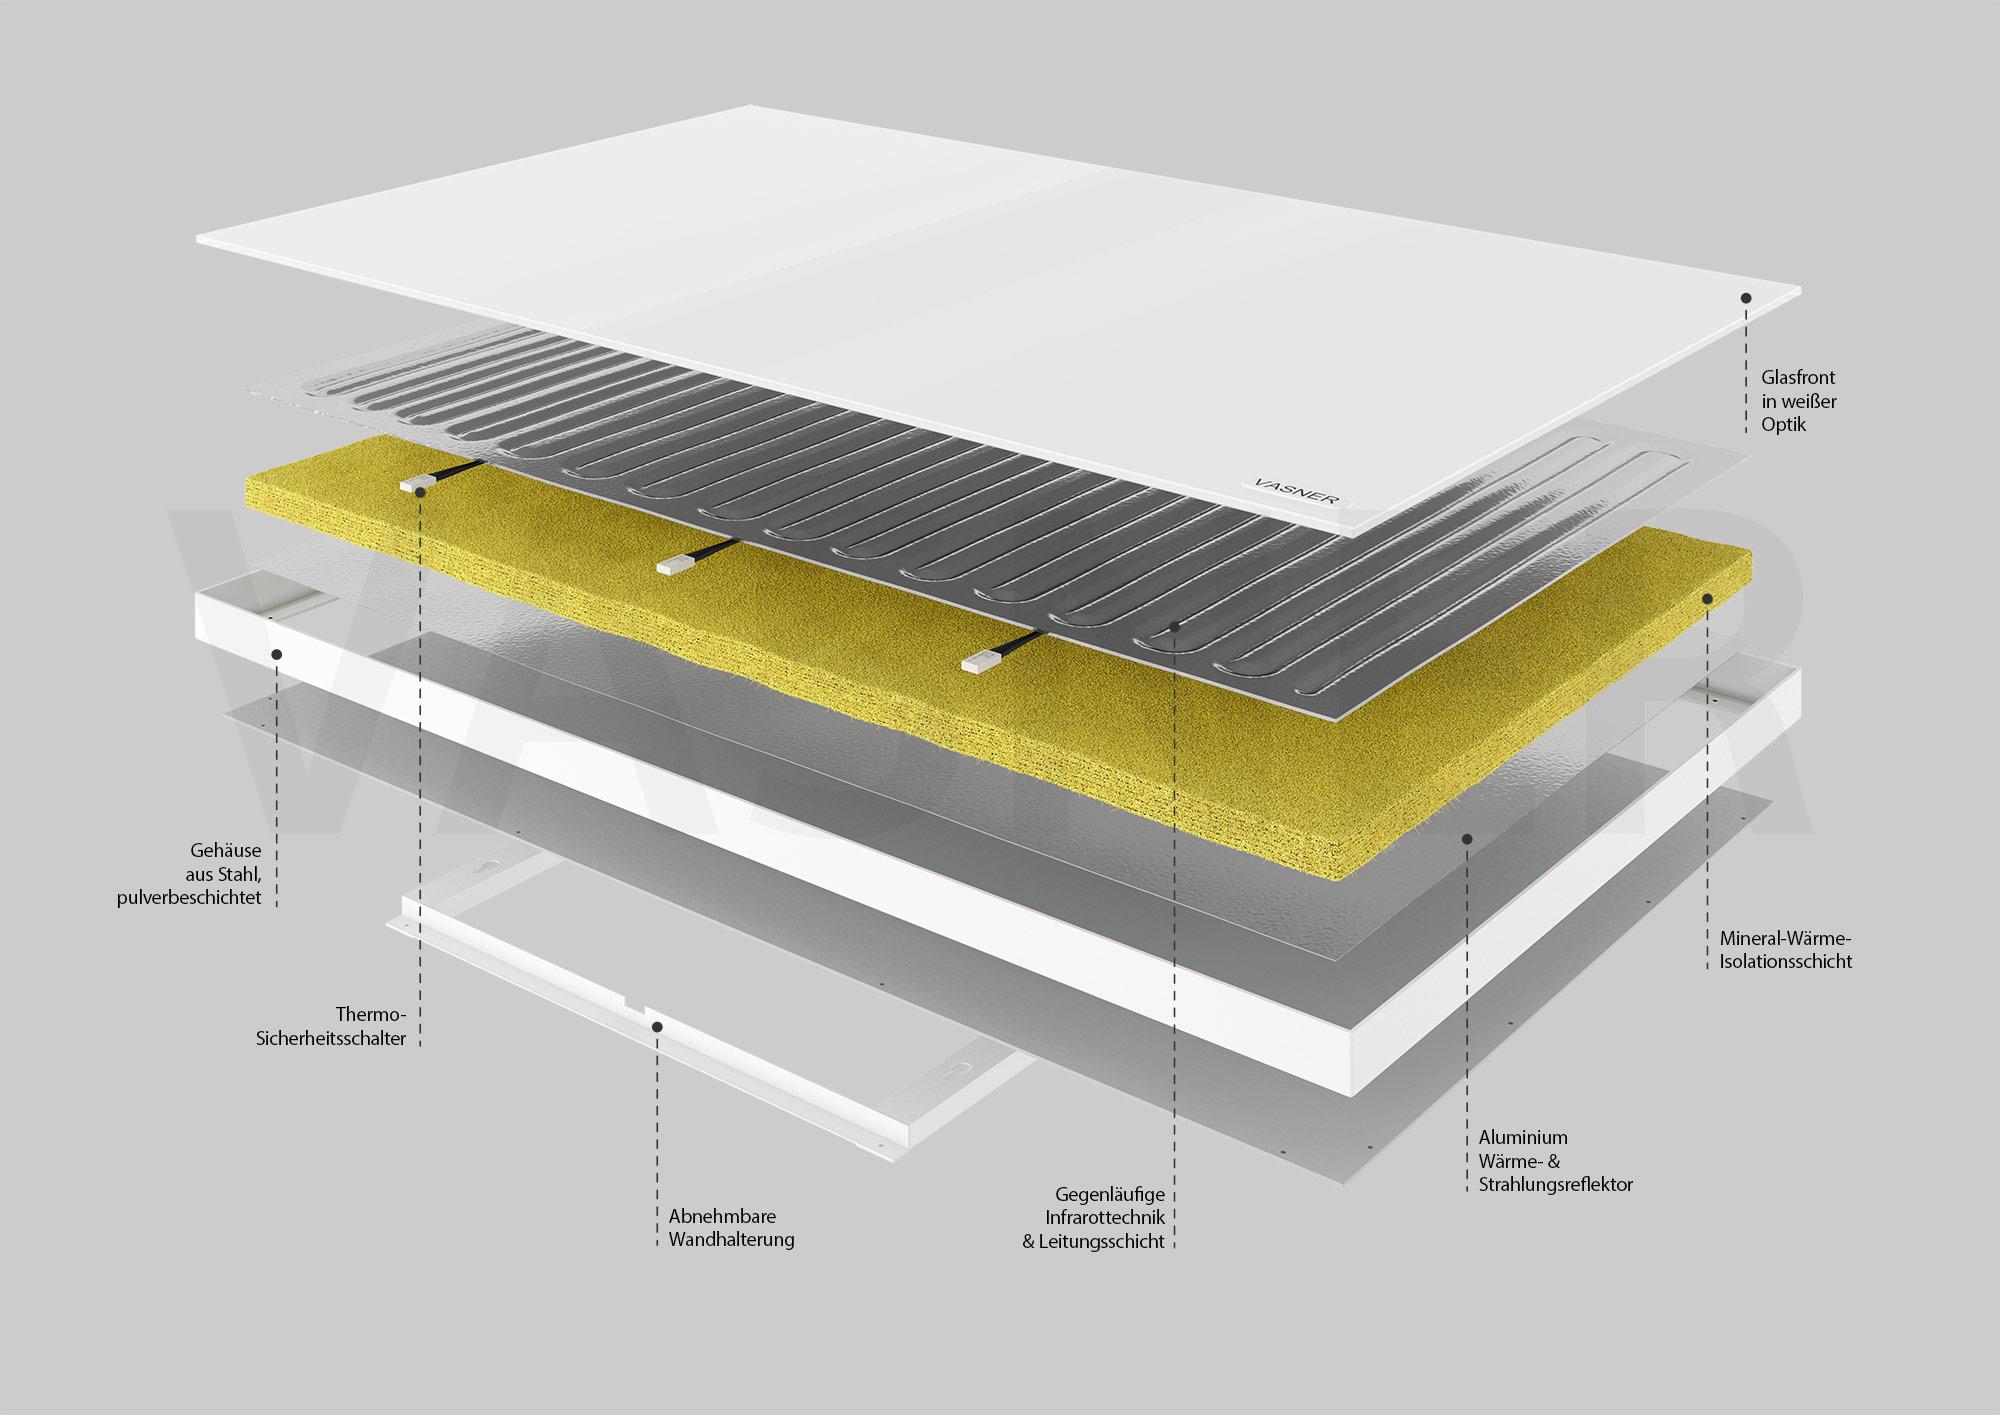 Infrarot Glasheizung elektrisch Innen Aufbau, Technik, rückwärtige Dämmung